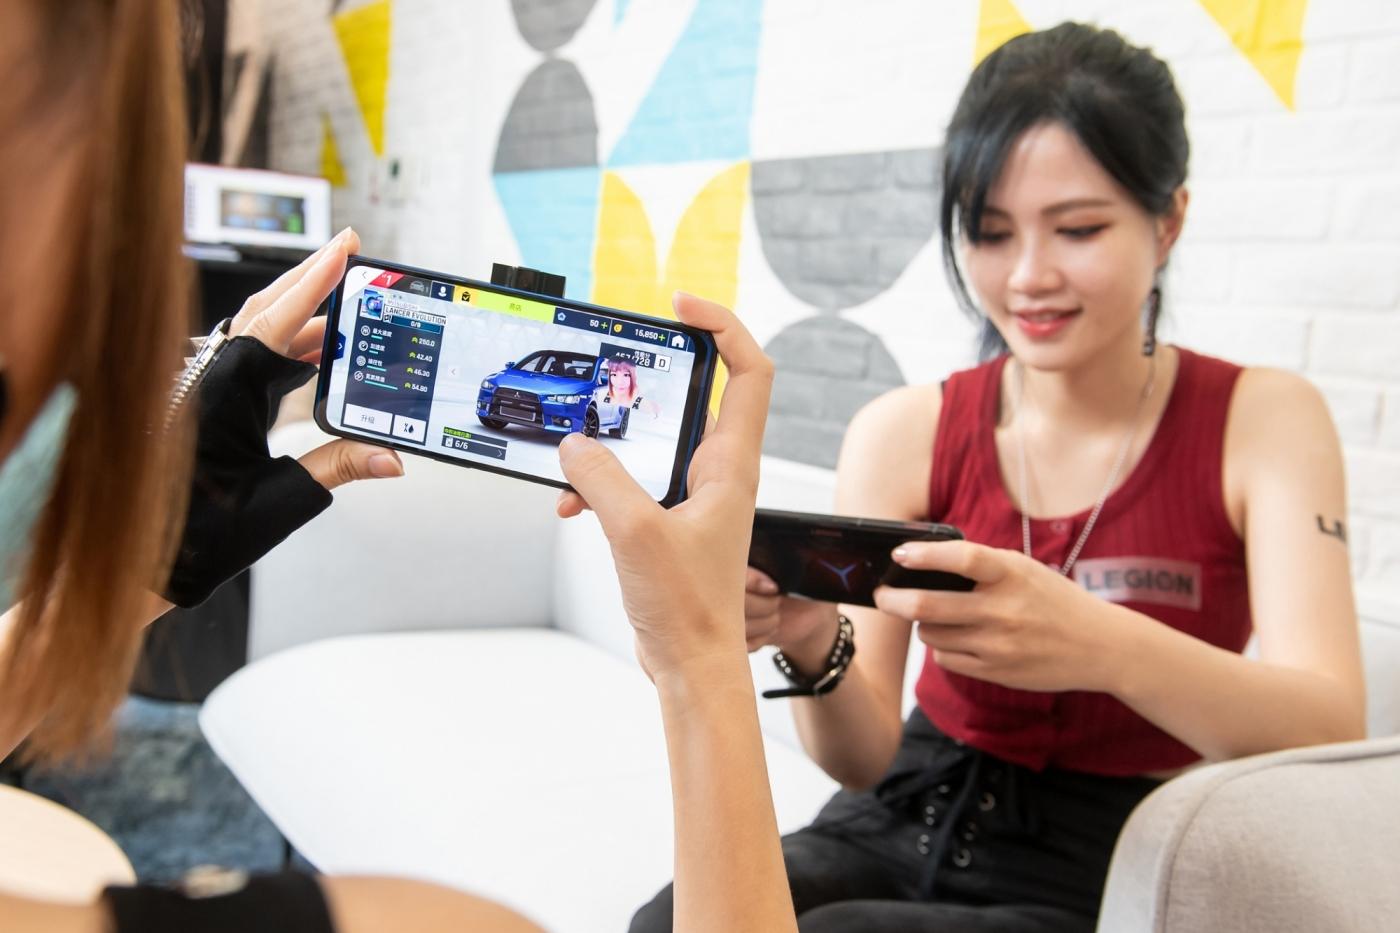 聯想電競手機來了!明年還要推串流「掌上遊戲機」,操盤人趙允明卻透露不只做硬體?